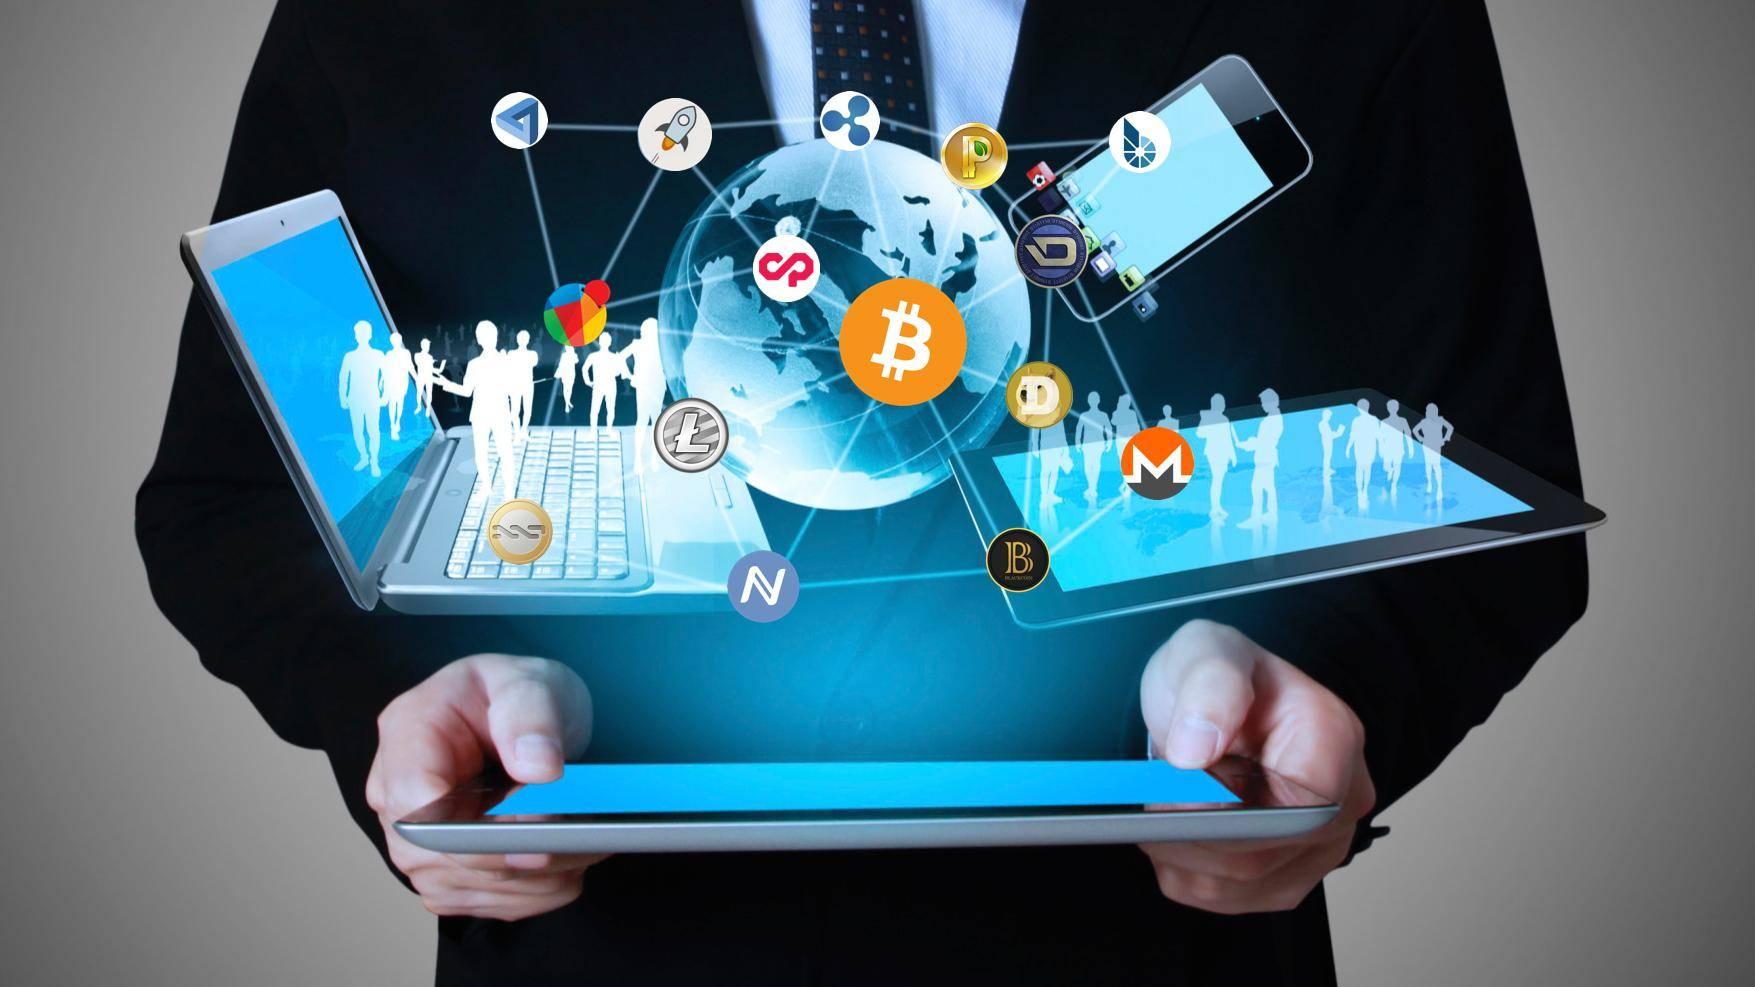 شركة XTB توقف التداول على العملات الرقمية